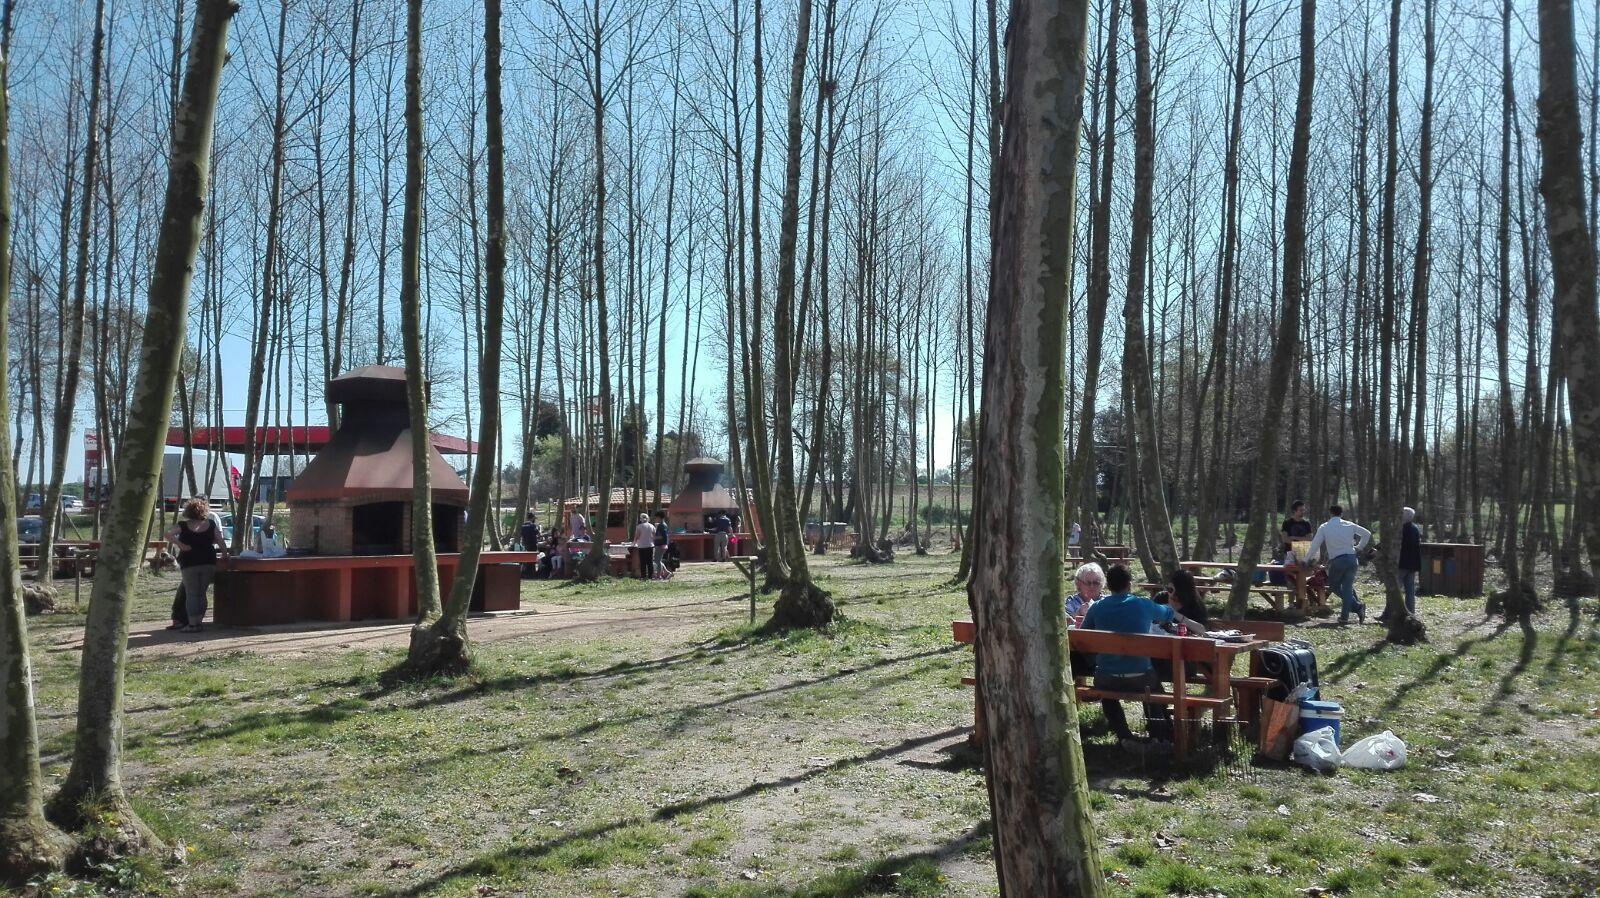 zona taules de fusta picnic les 3 flors